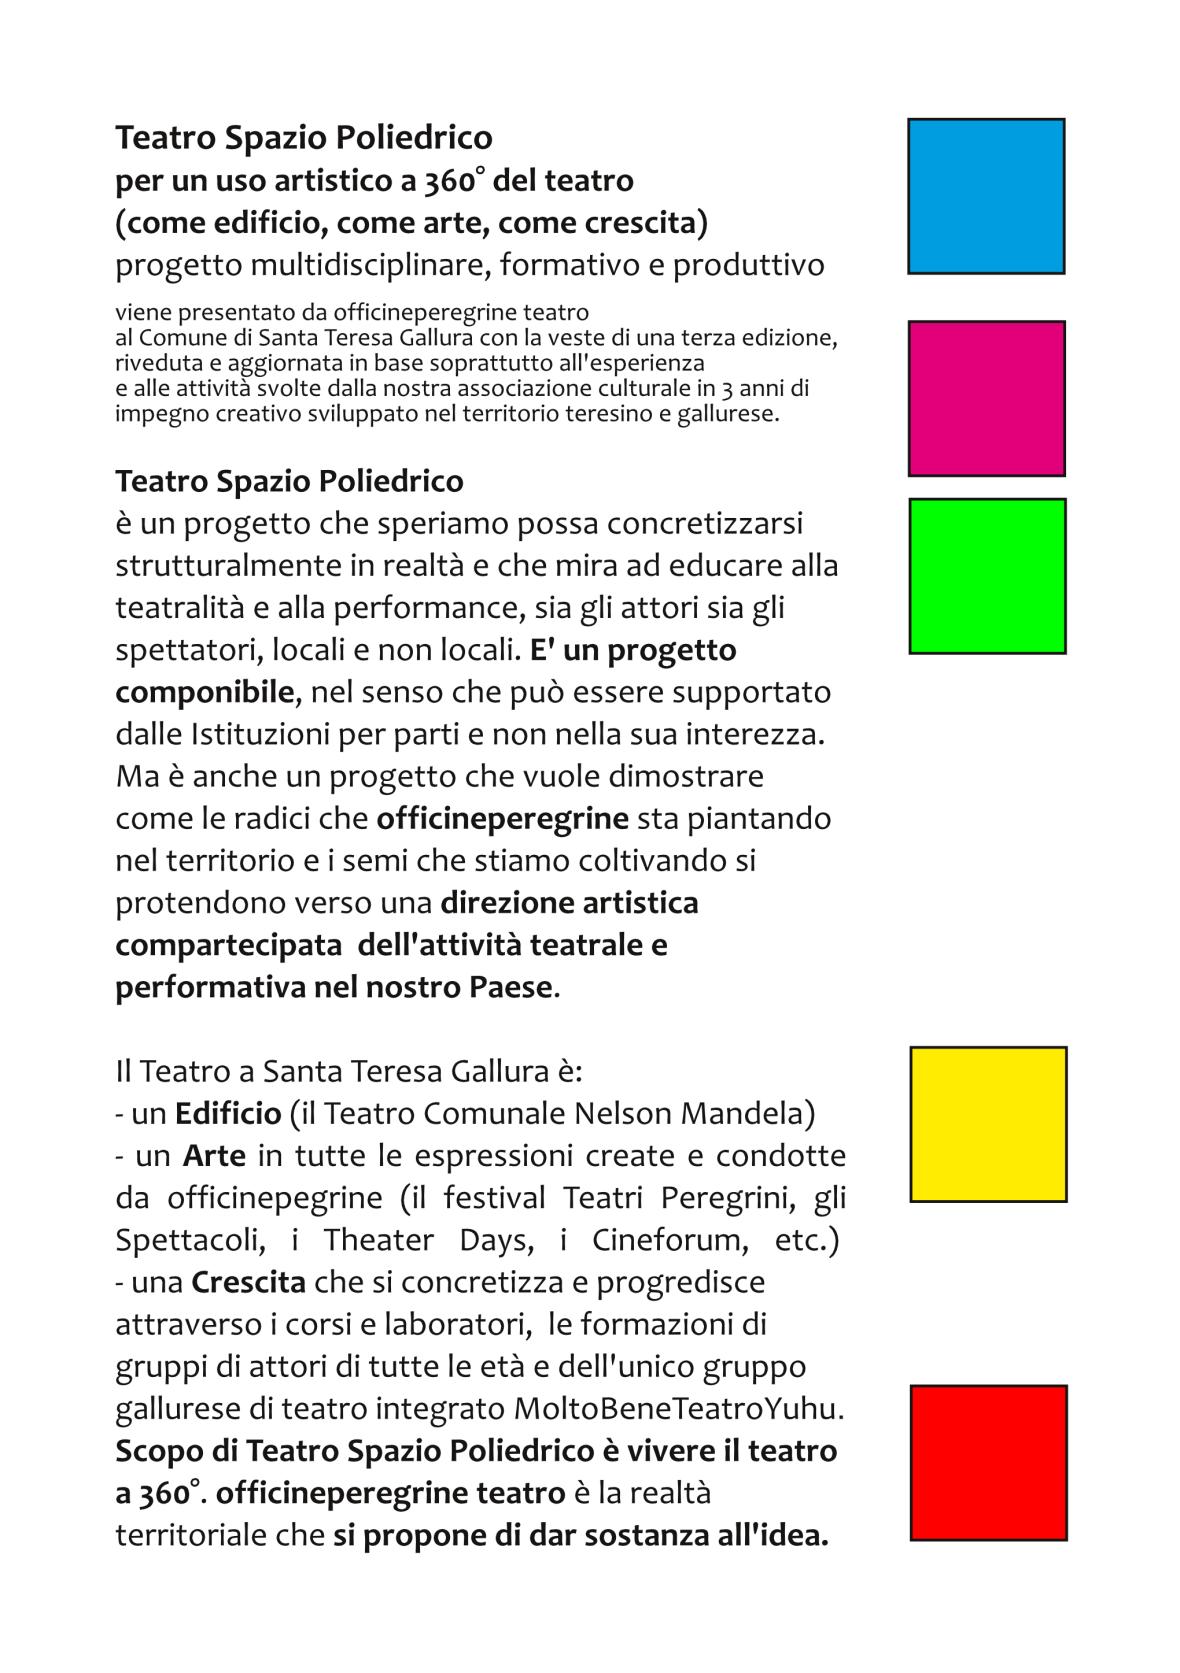 teatrospaziopoliedricoproject-pagina002